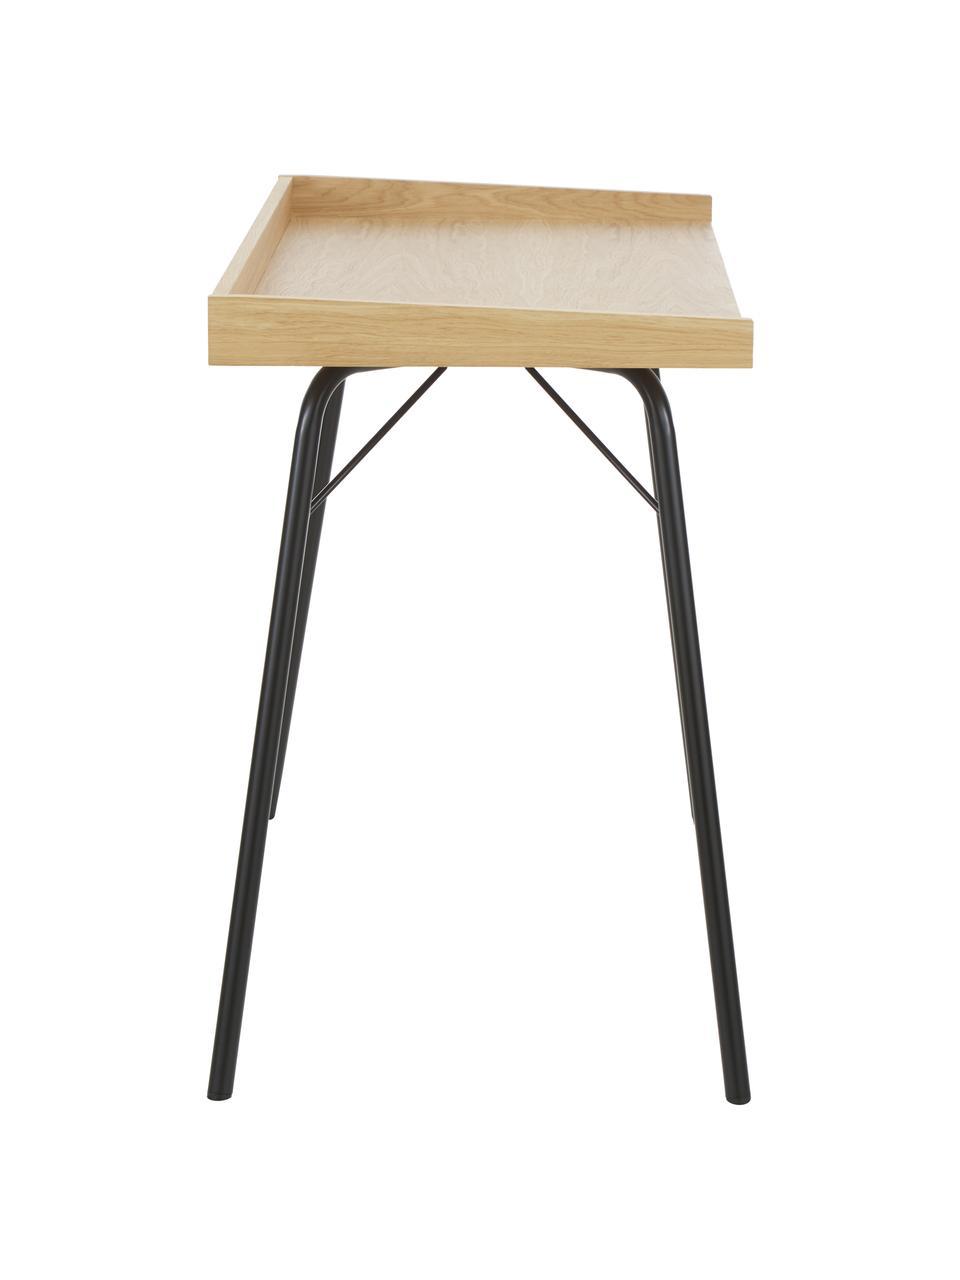 Schreibtisch Rayburn mit Eichenholzfurnier, Tischplatte: Mitteldichte Holzfaserpla, Gestell: Metall, pulverbeschichtet, Eiche, B 115 x T 52 cm